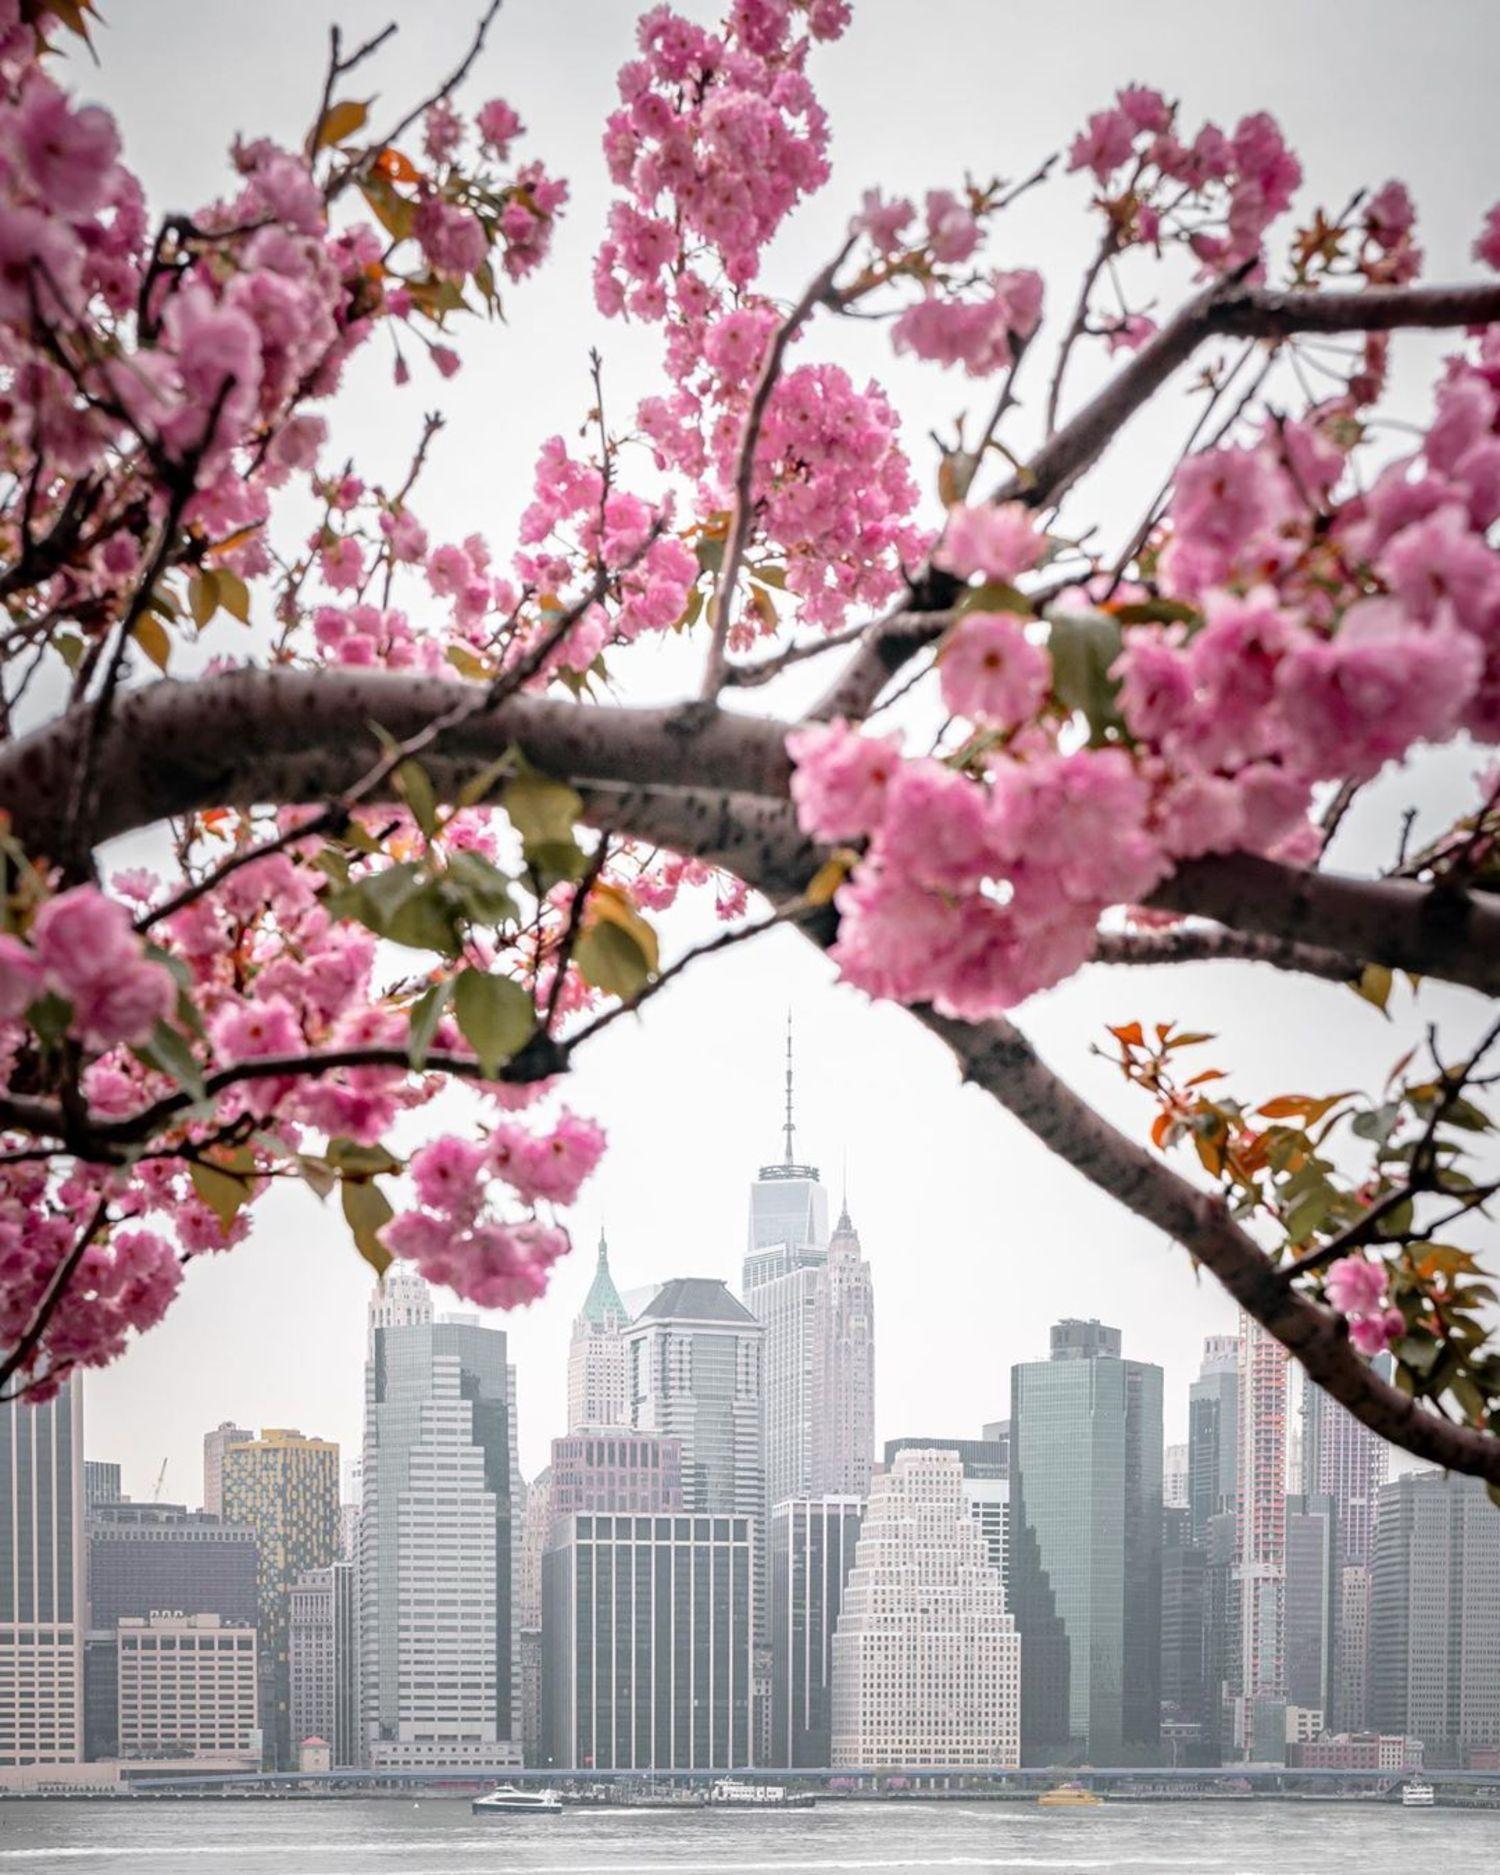 Lower Manhattan Skyline from Brooklyn